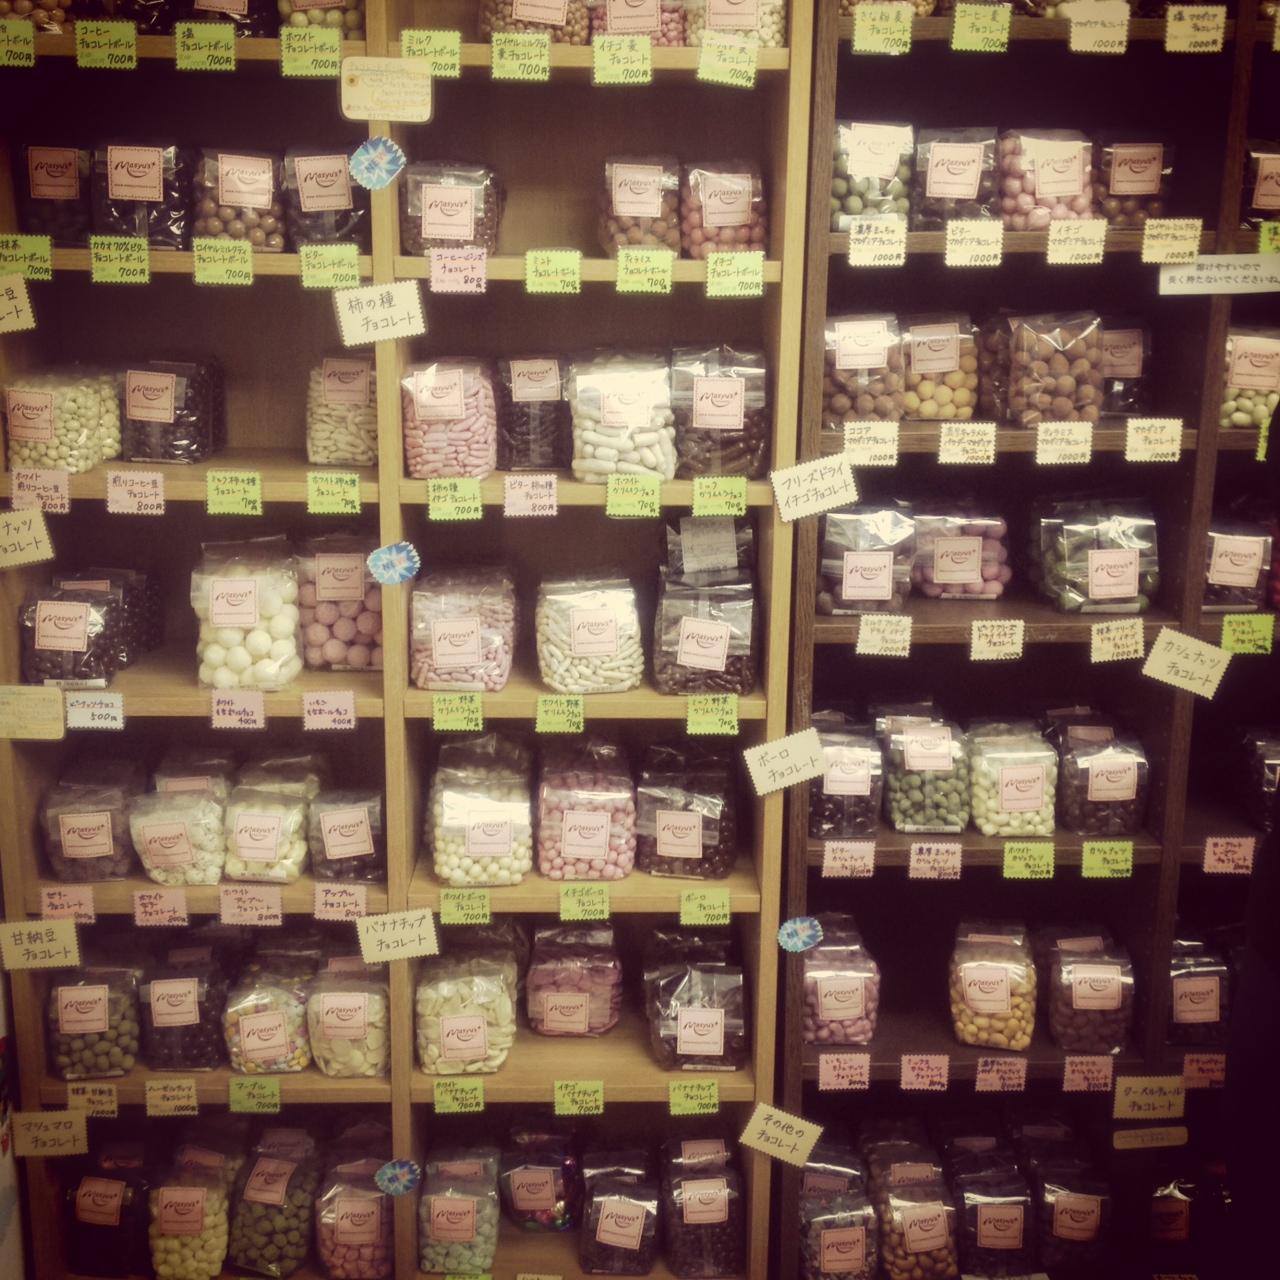 マシューのチョコレート直売所の棚にあるチョコレート